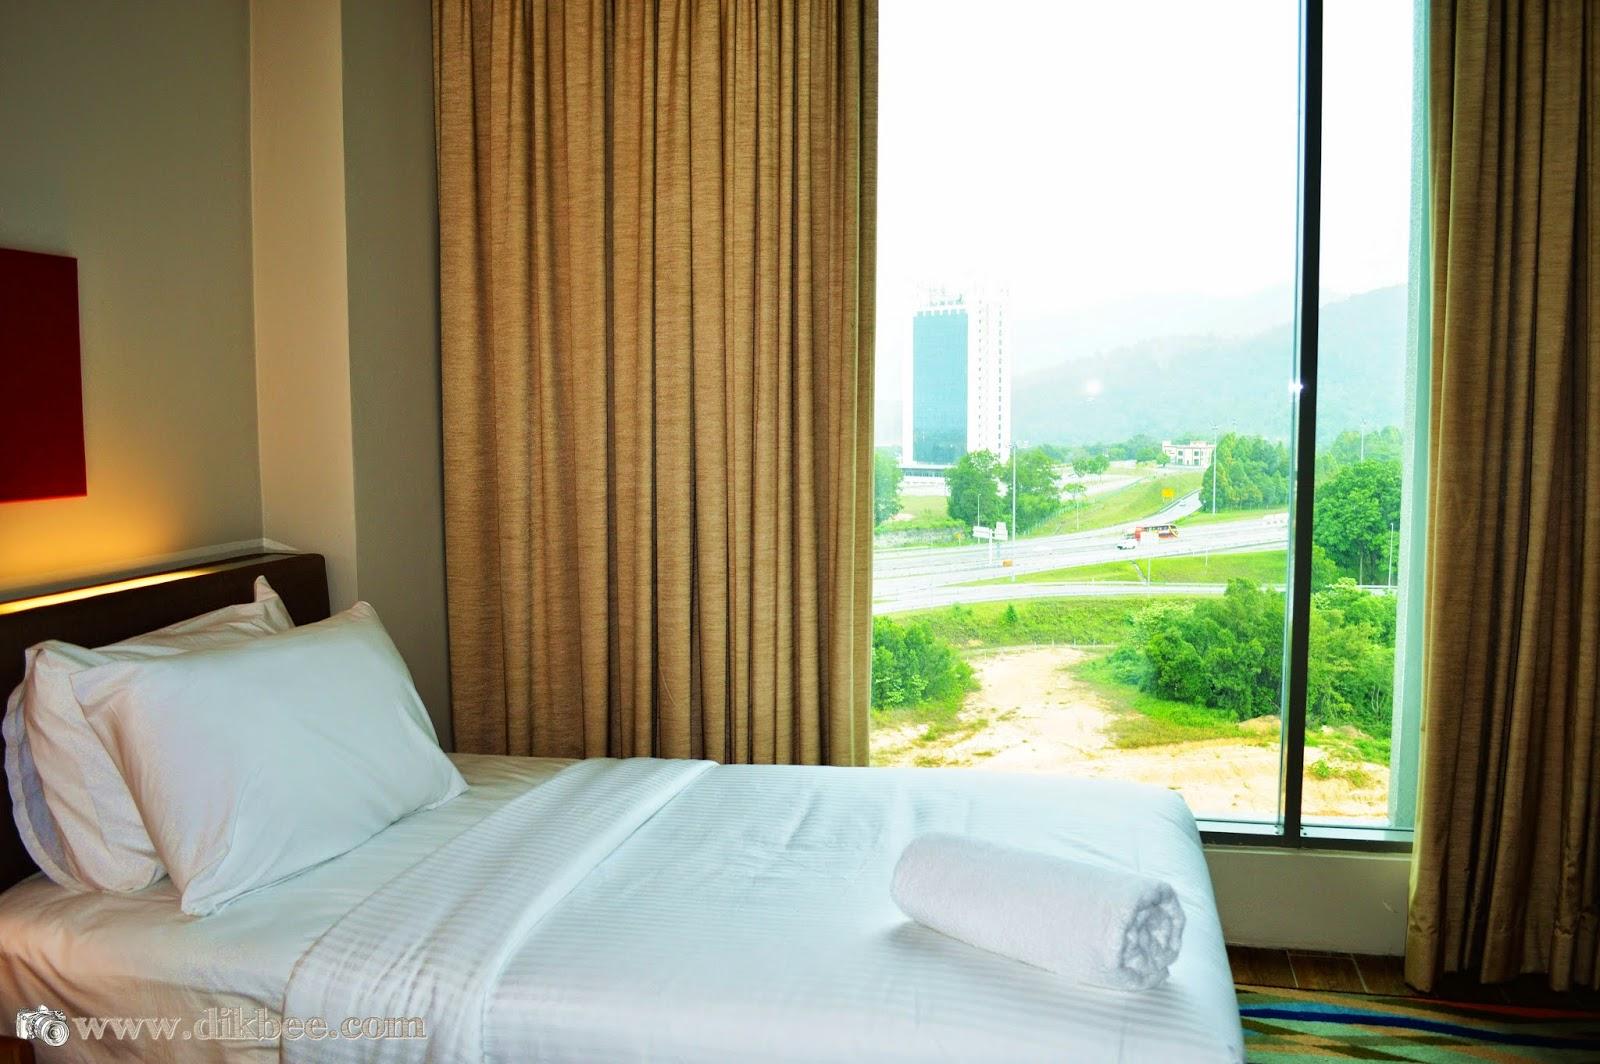 Bilik Hotel Casuarina @ Meru